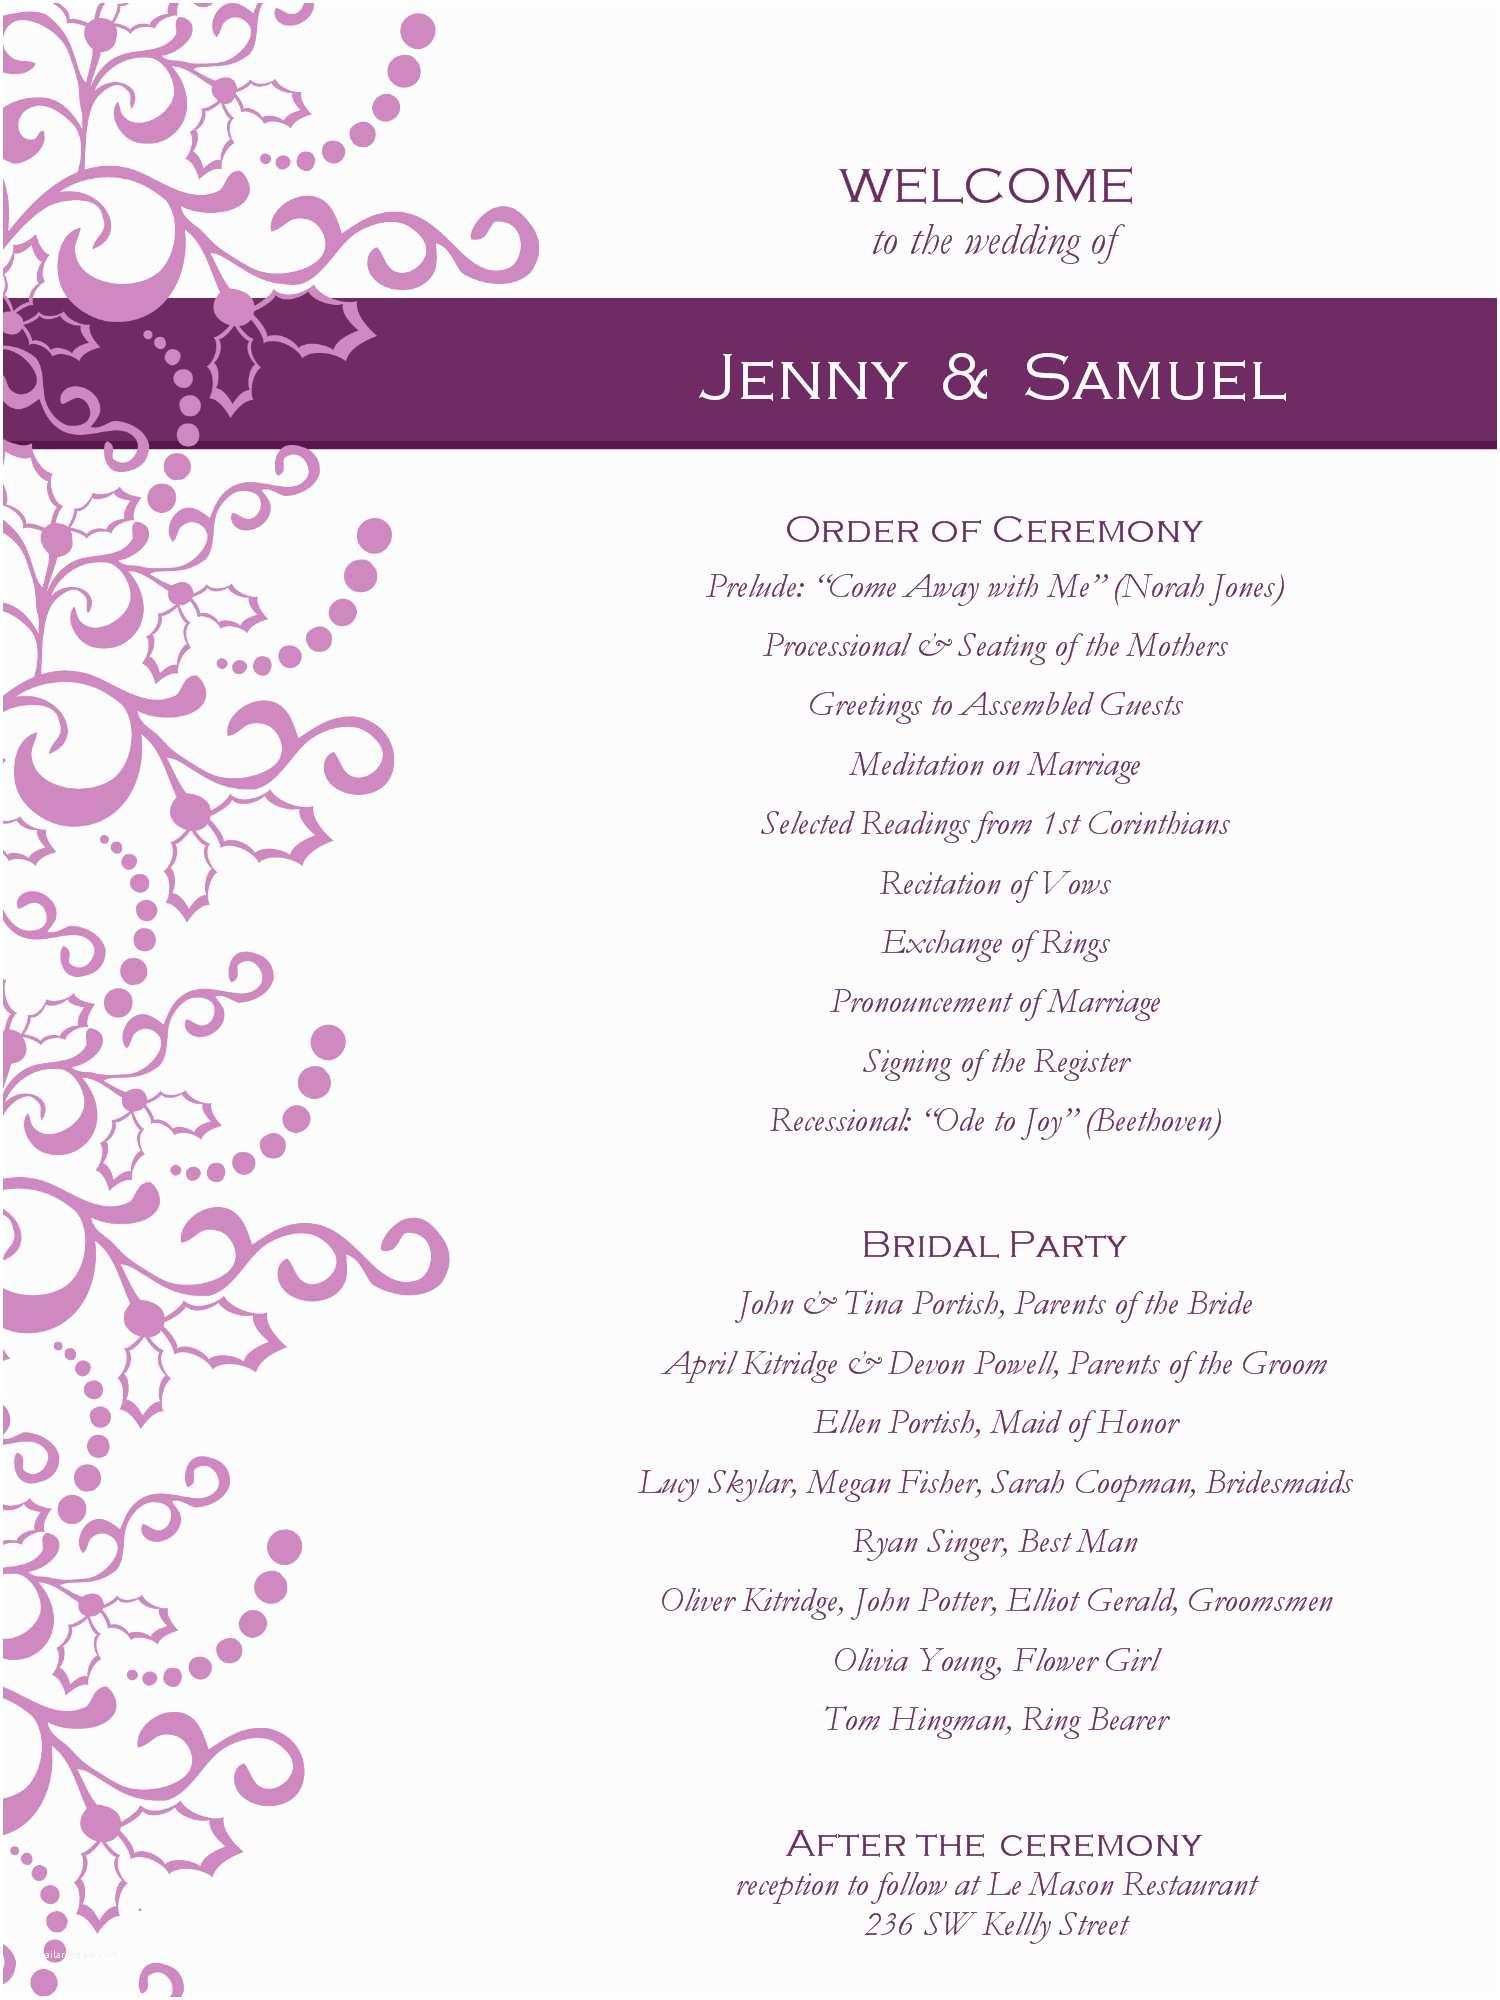 Hobby Lobby Wedding Invitation Templates Hobby Lobby Wedding Invitation Templates